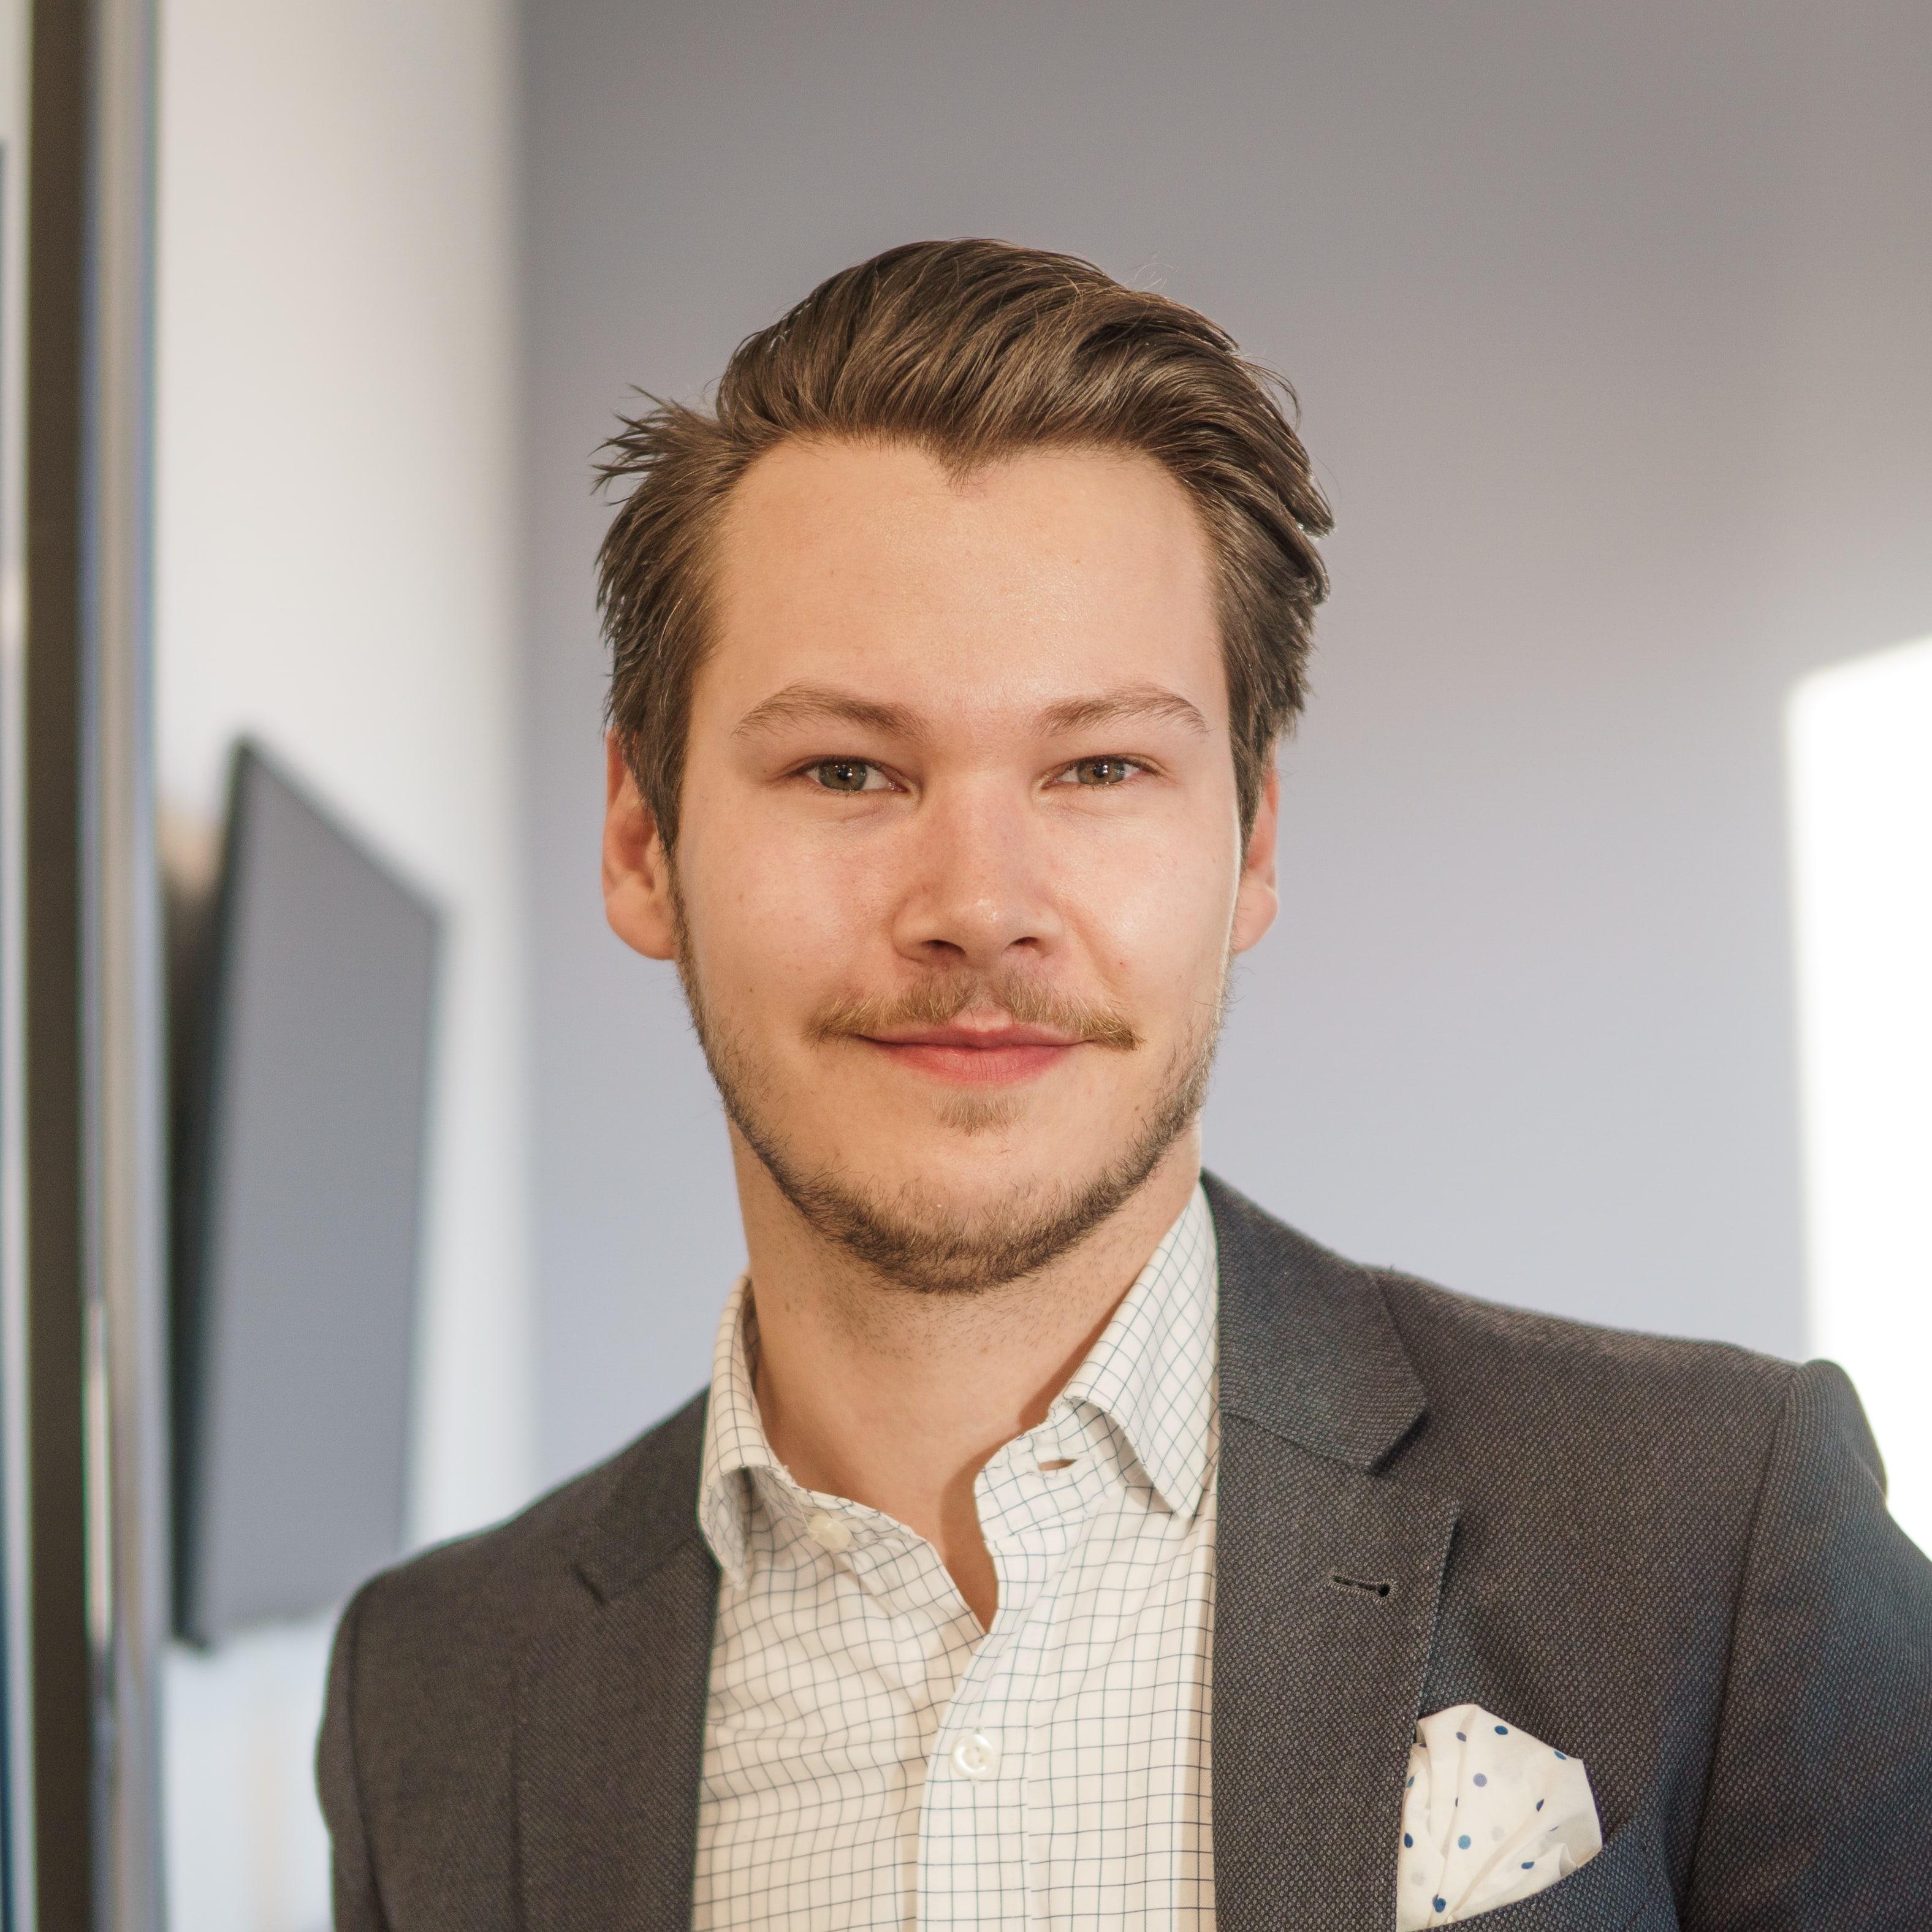 Jonas Oshaug